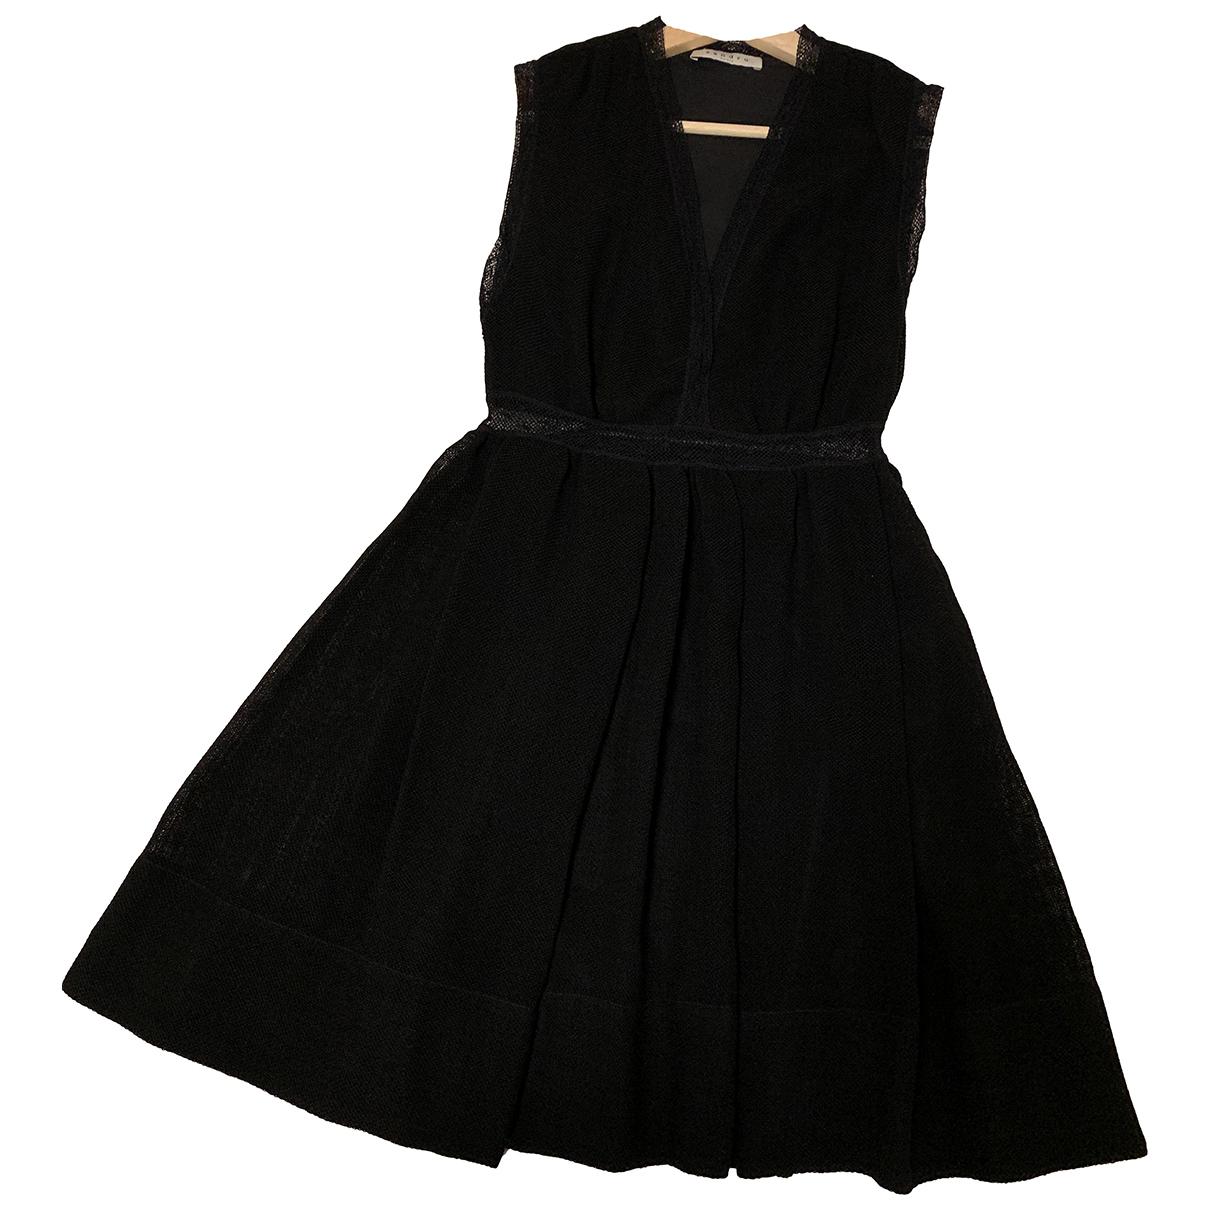 Sandro N Black dress for Women 1 0-5